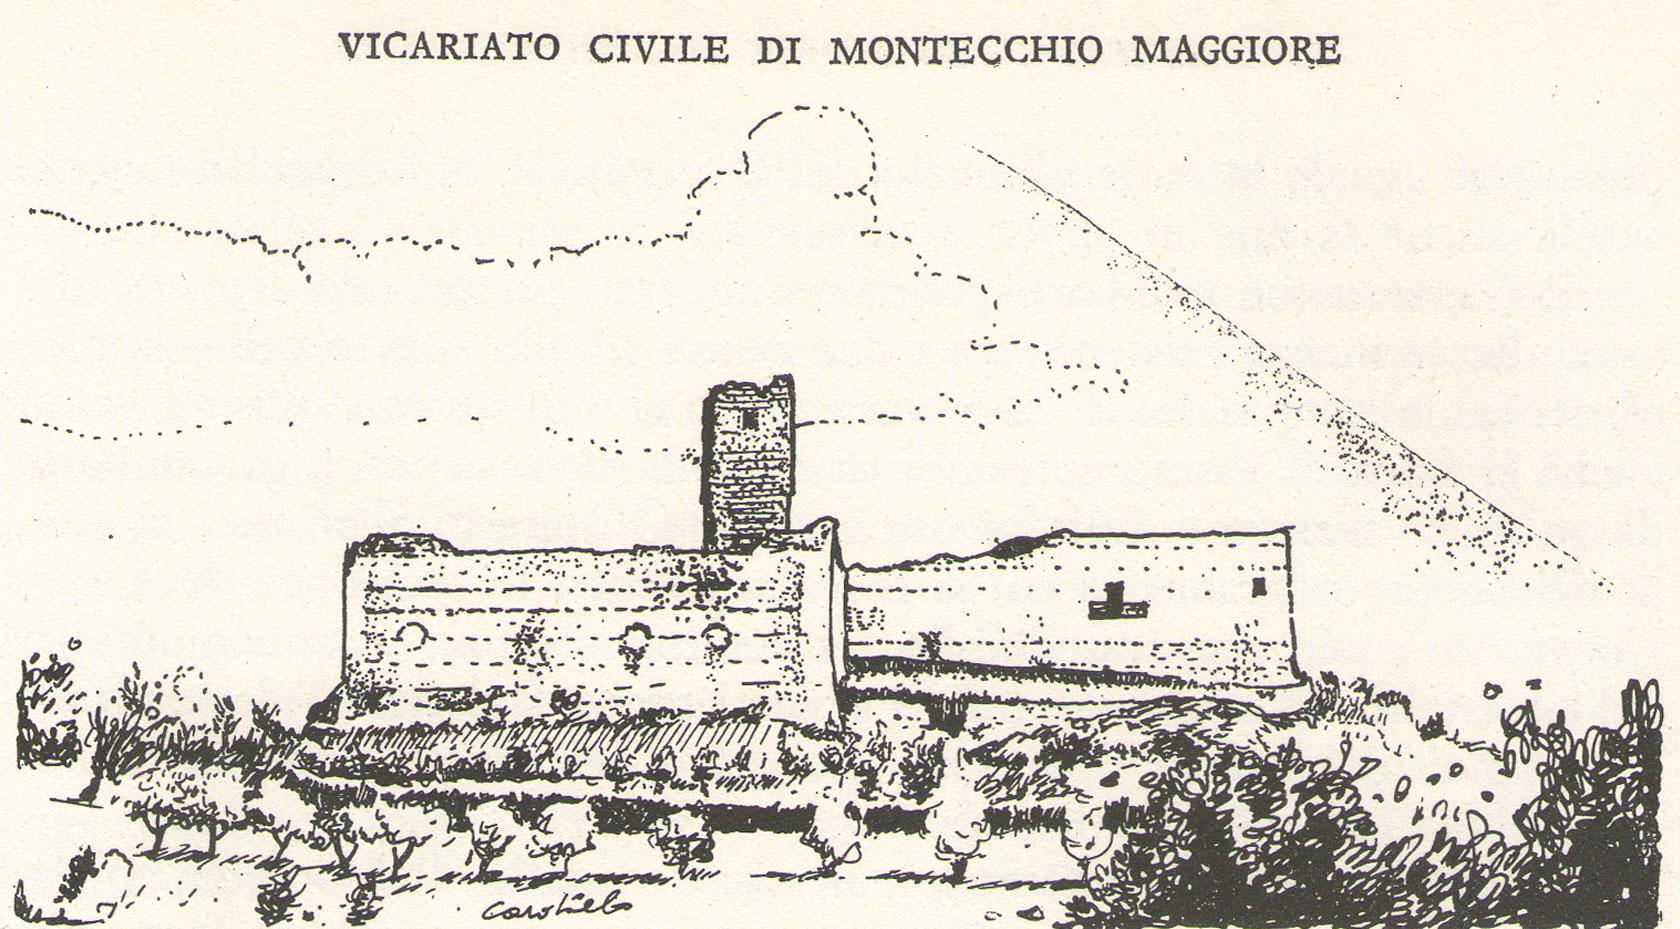 Storia del castello